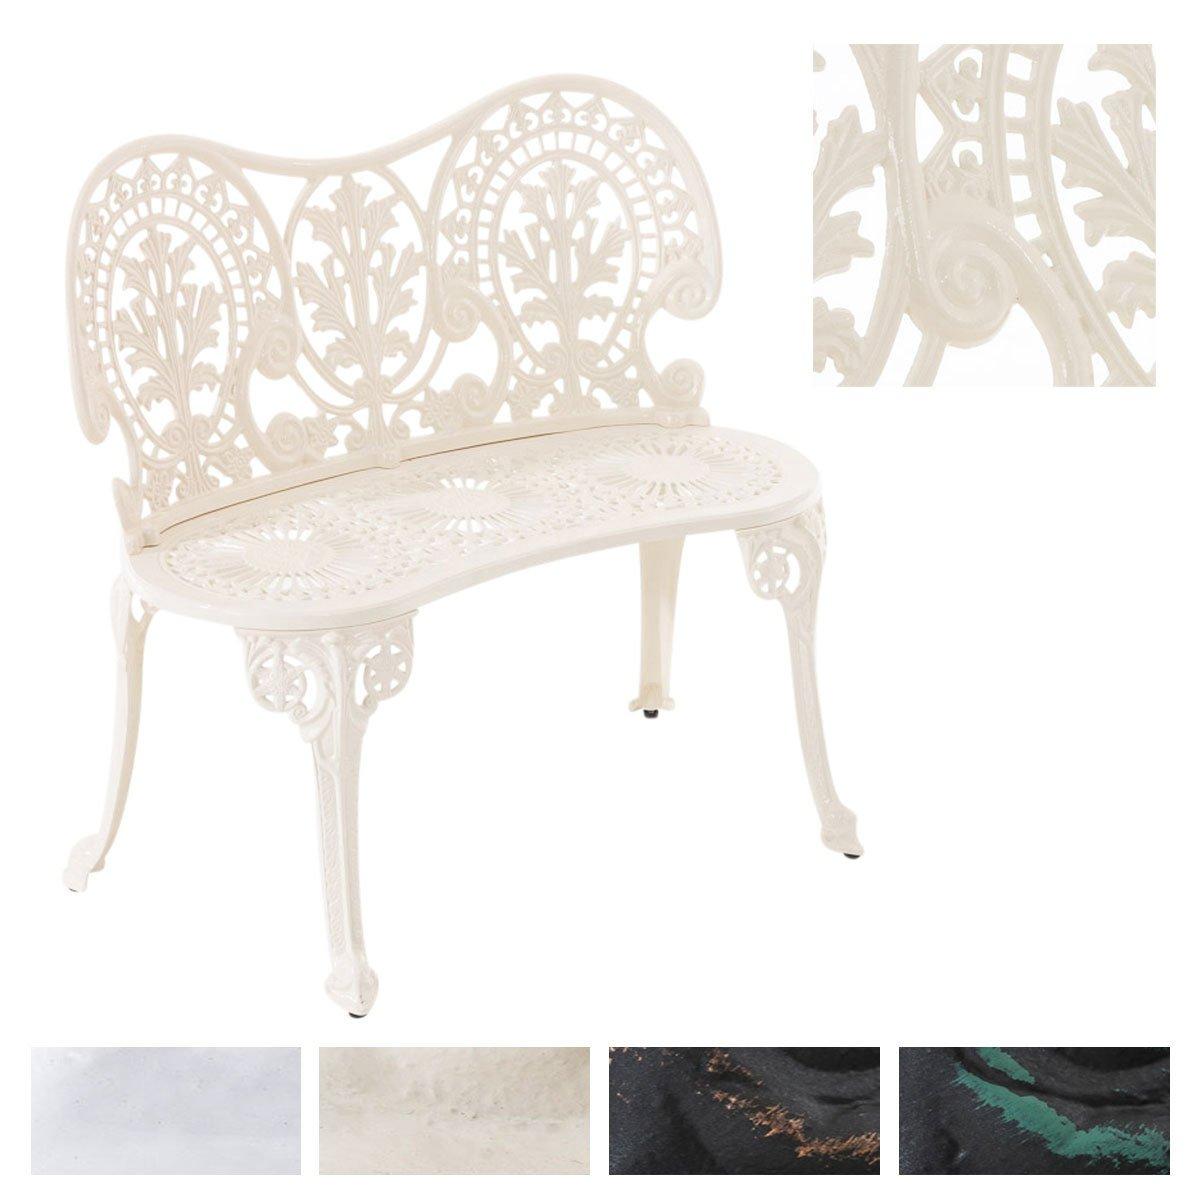 CLP Gartenbank MAHADEV aus lackiertem Eisen I Sitzbank im Jugendstil I Eisenbank mit 2 Sitzplätzen I erhältlich Creme